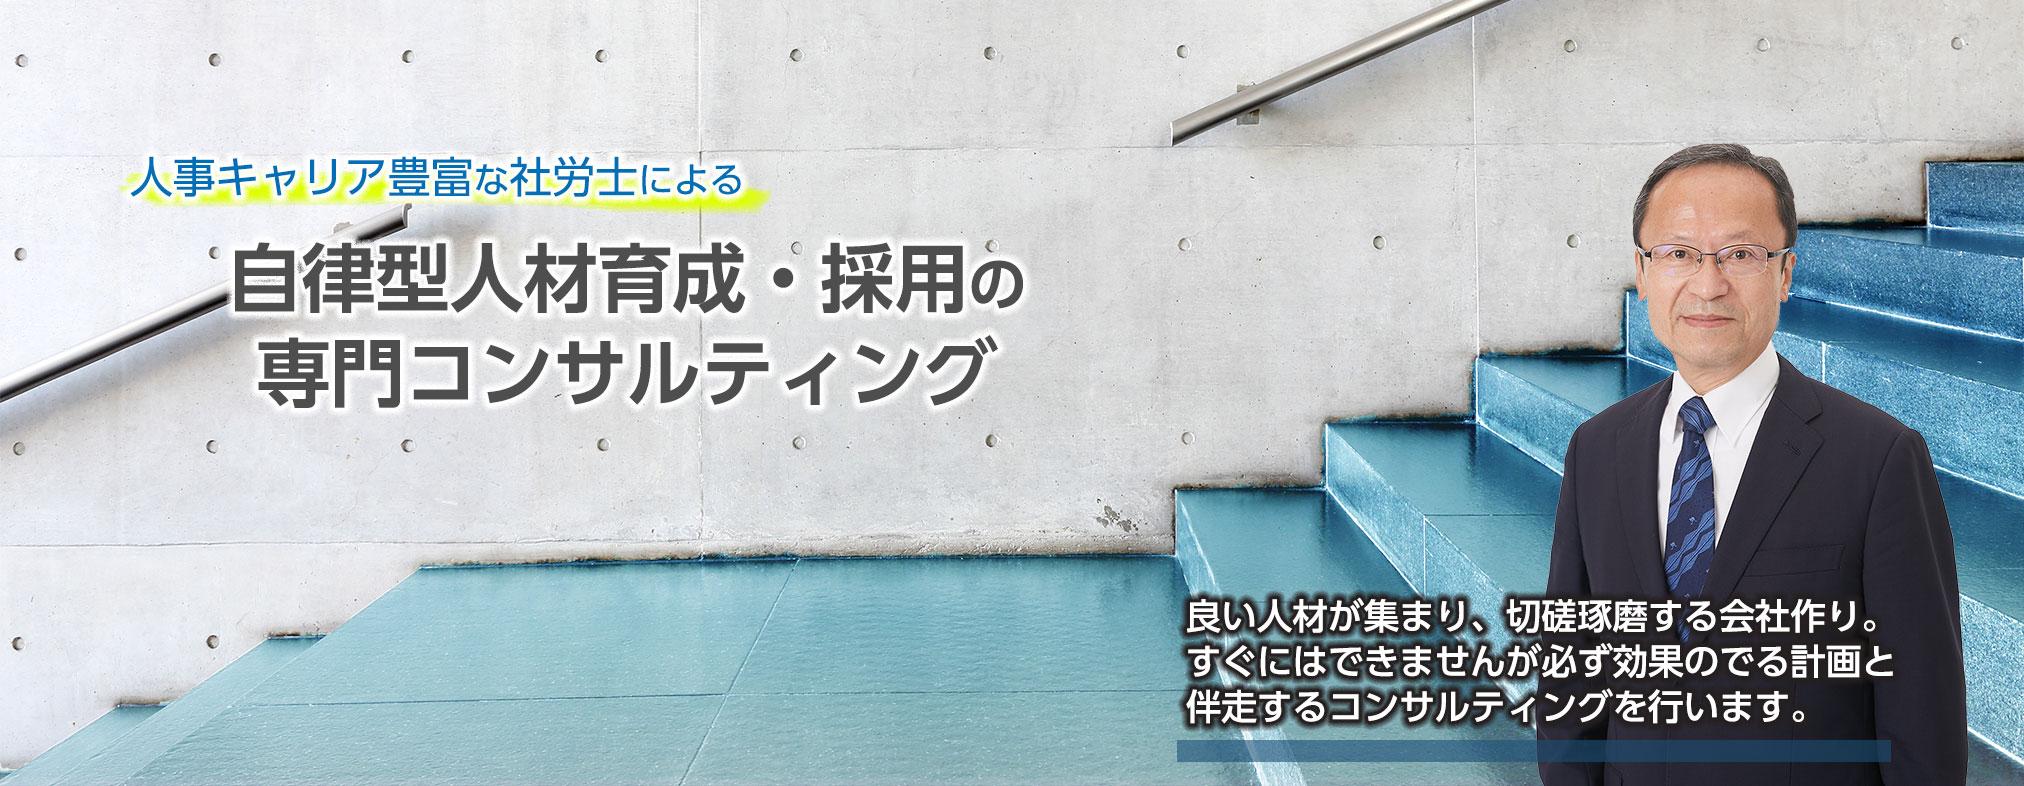 神崎社労士コンサルティング事務所